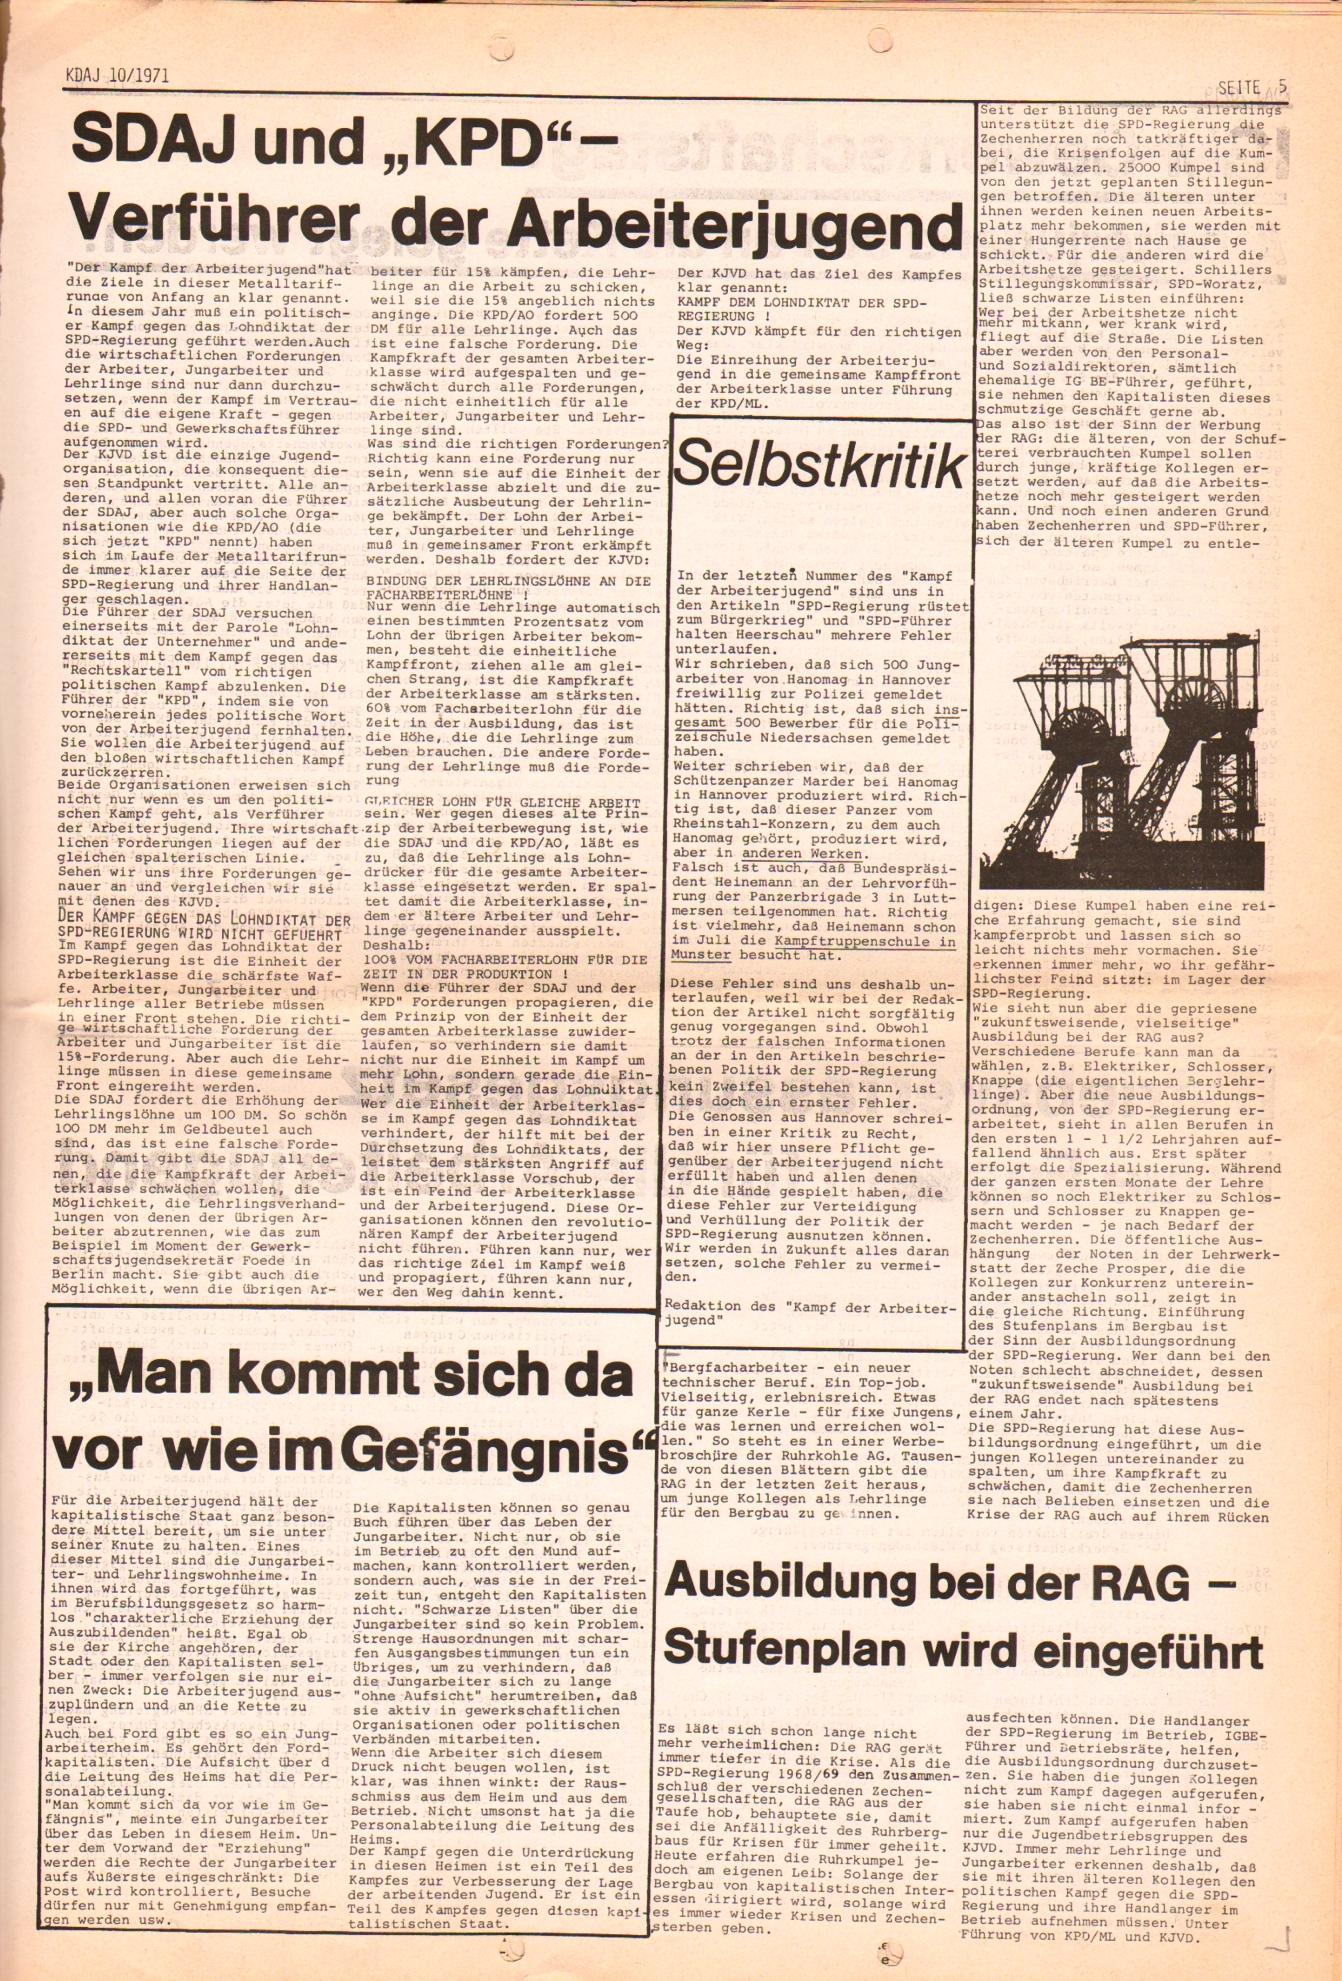 KDAJ, 2. Jg., Oktober 1971, Nr. 10, Seite 5